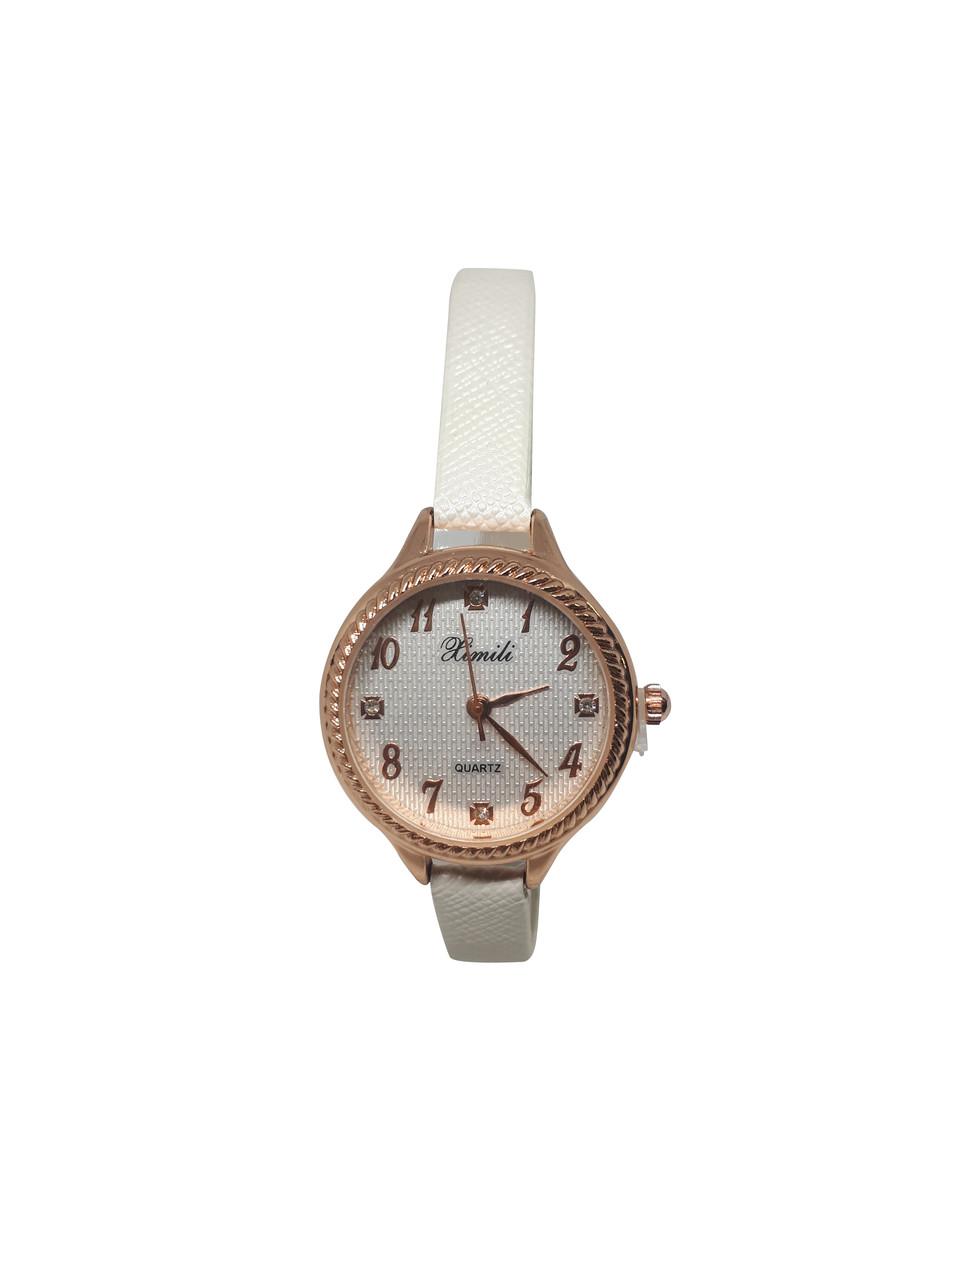 Часы женские кварцевые Ximili Tiny  белые